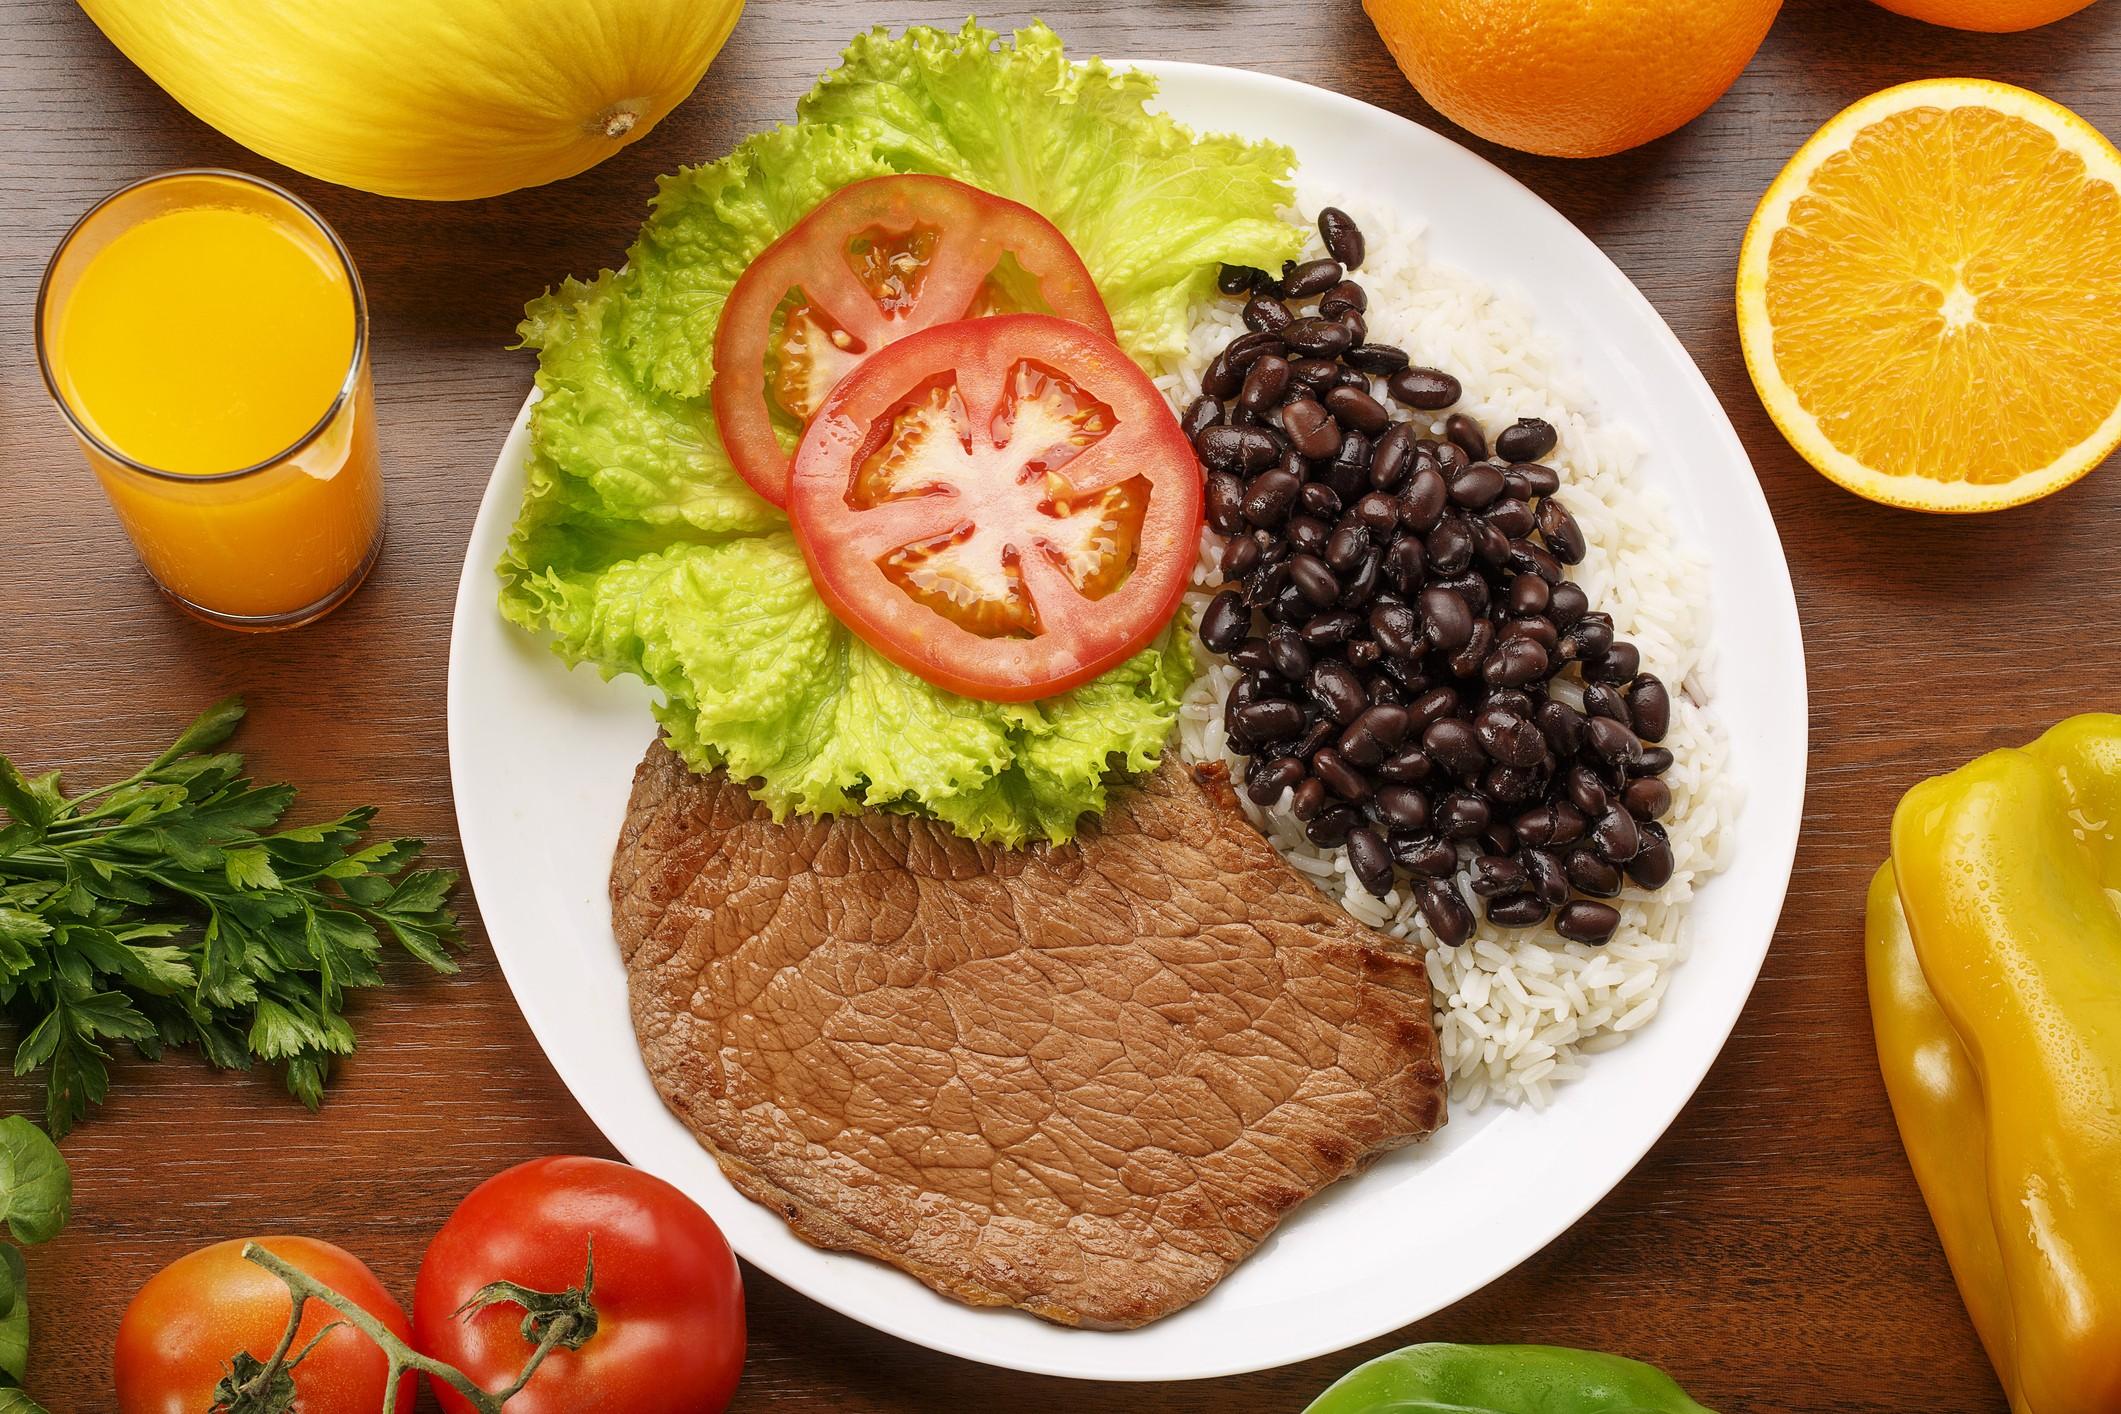 Agronegócio brasileiro alimenta mais de 772 milhões de pessoas no mundo, diz estudo